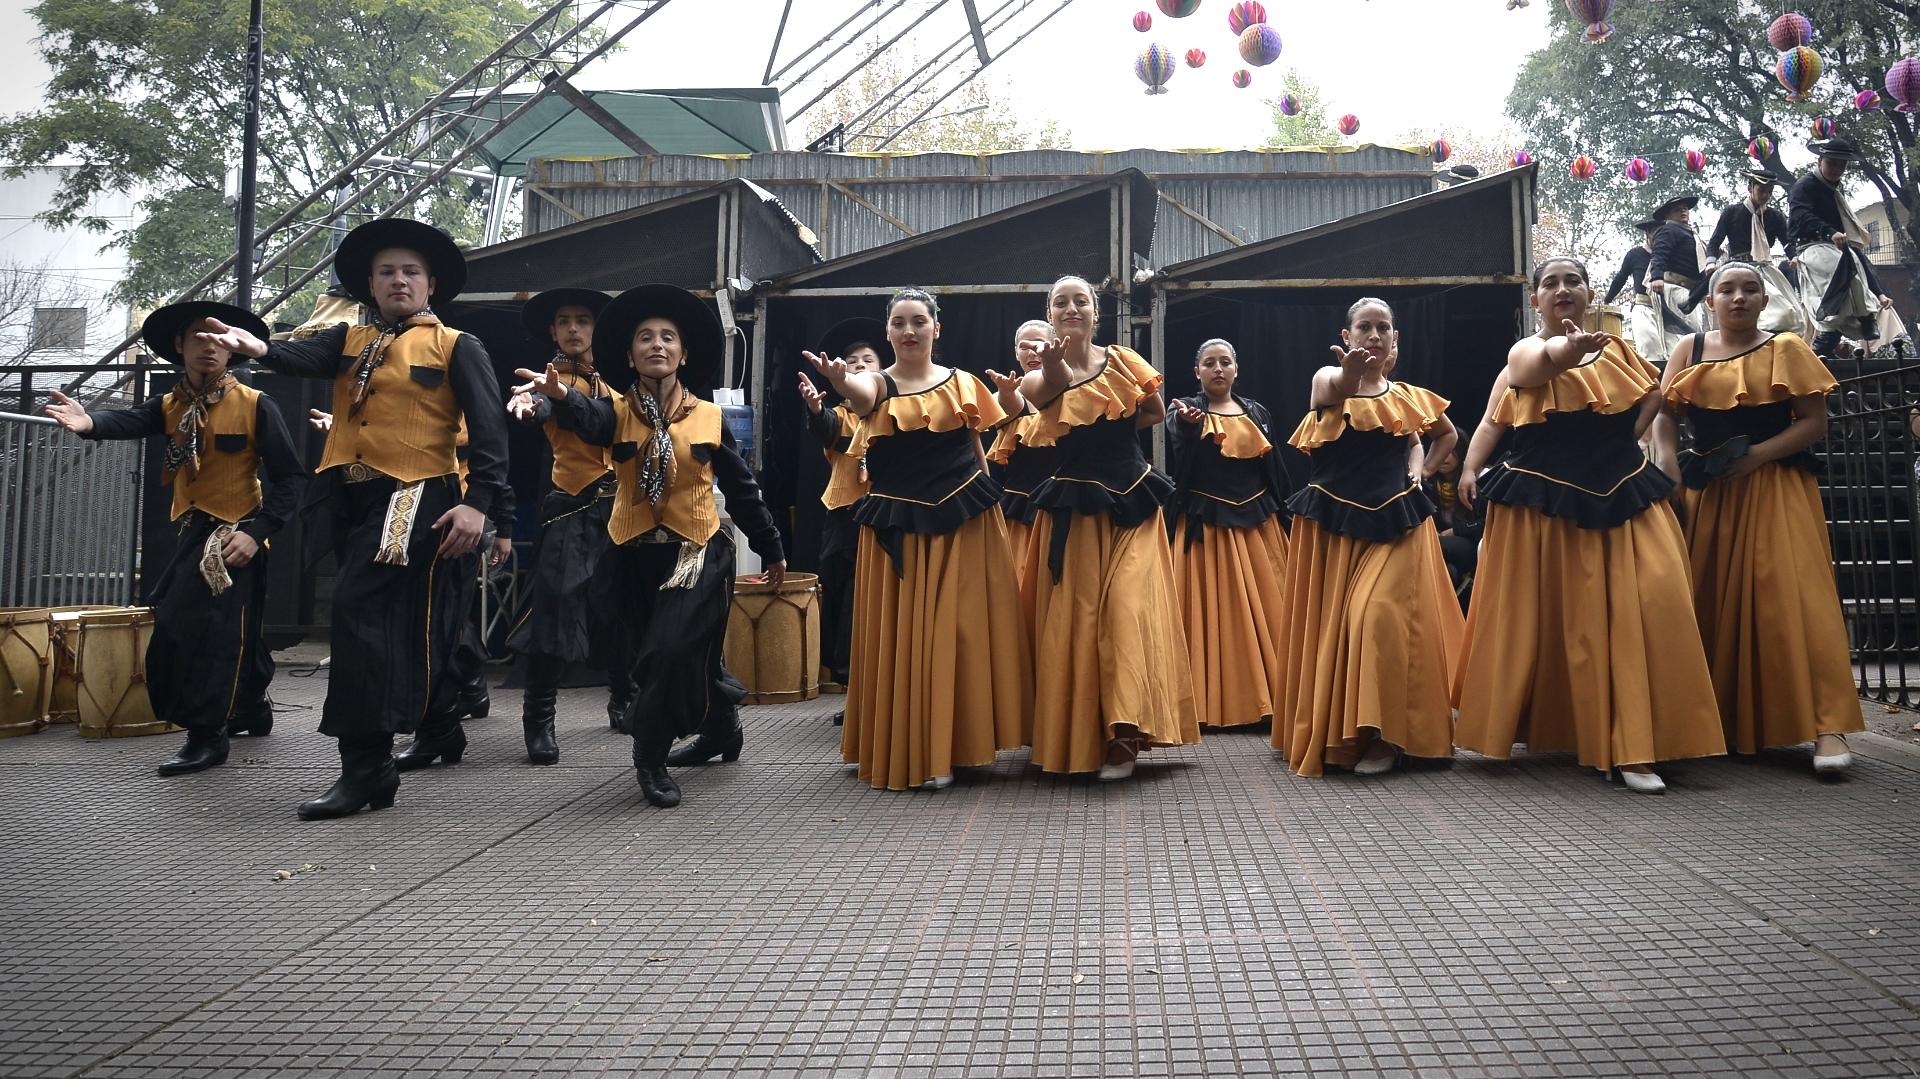 Uno de los grupos de folclore posando para la foto